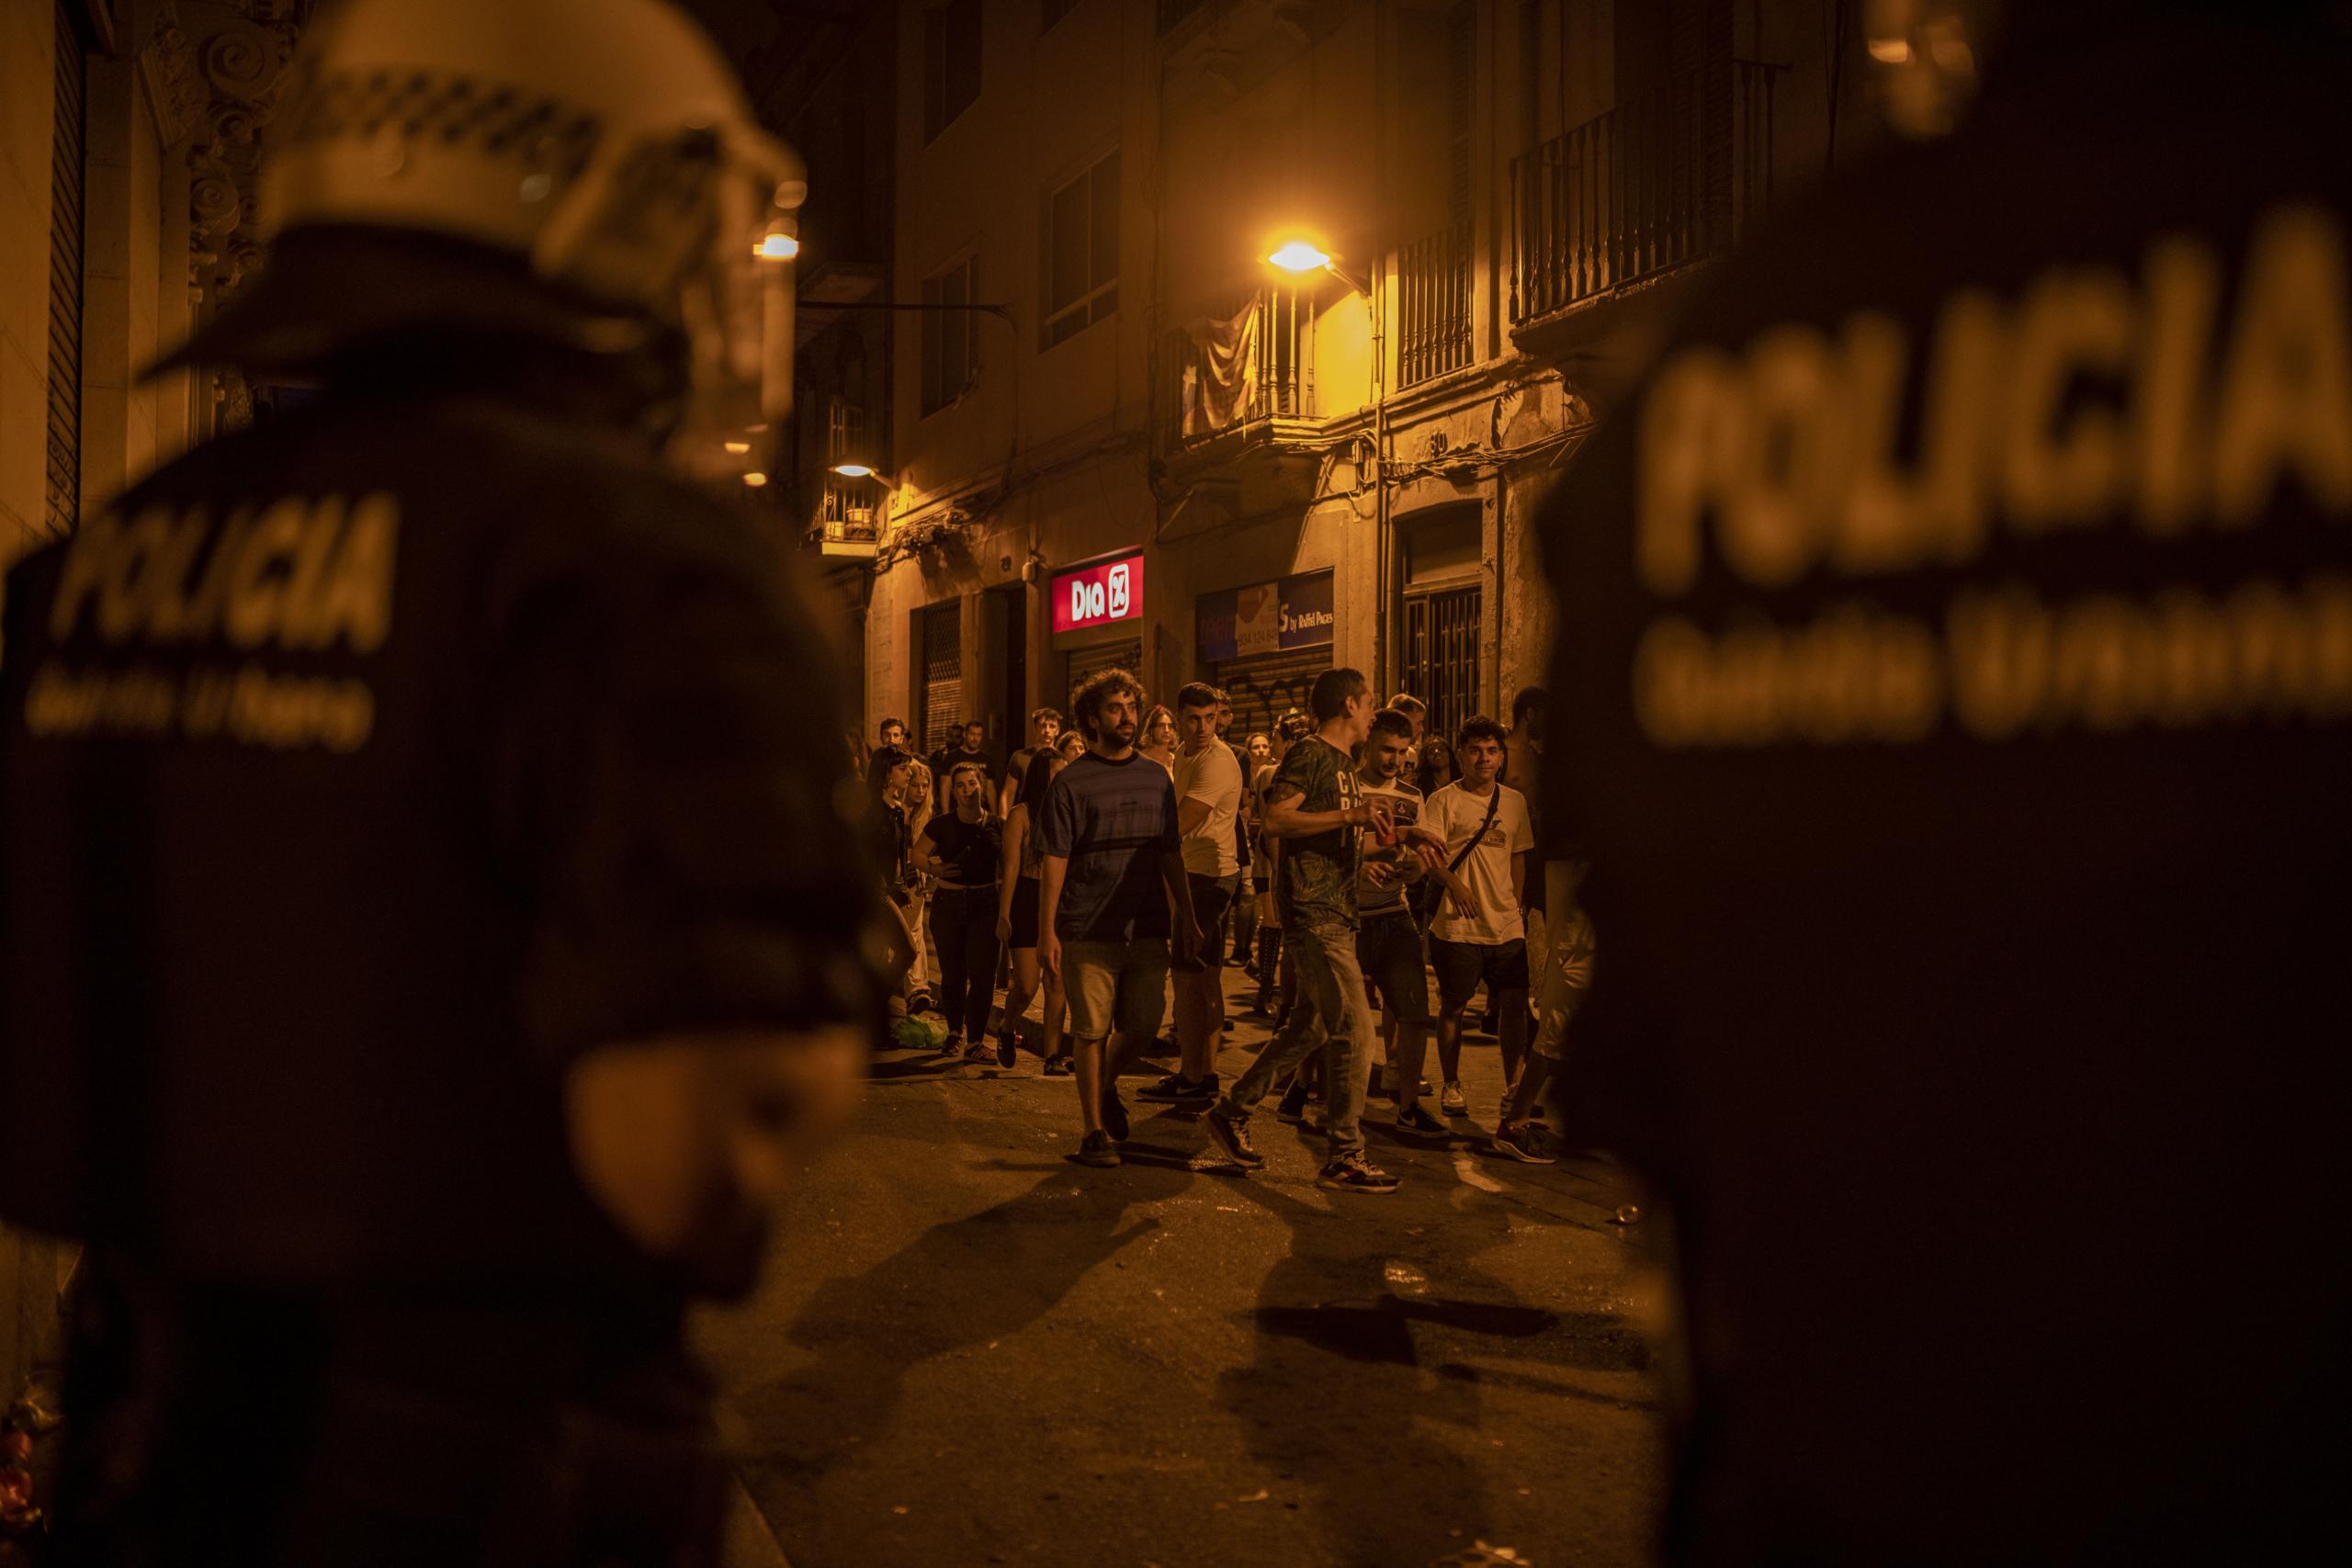 Antiavalots de la Guàrdia Urbana, a la Festa Major de Gràcia, aquesta matinada / Lorena Sopêna